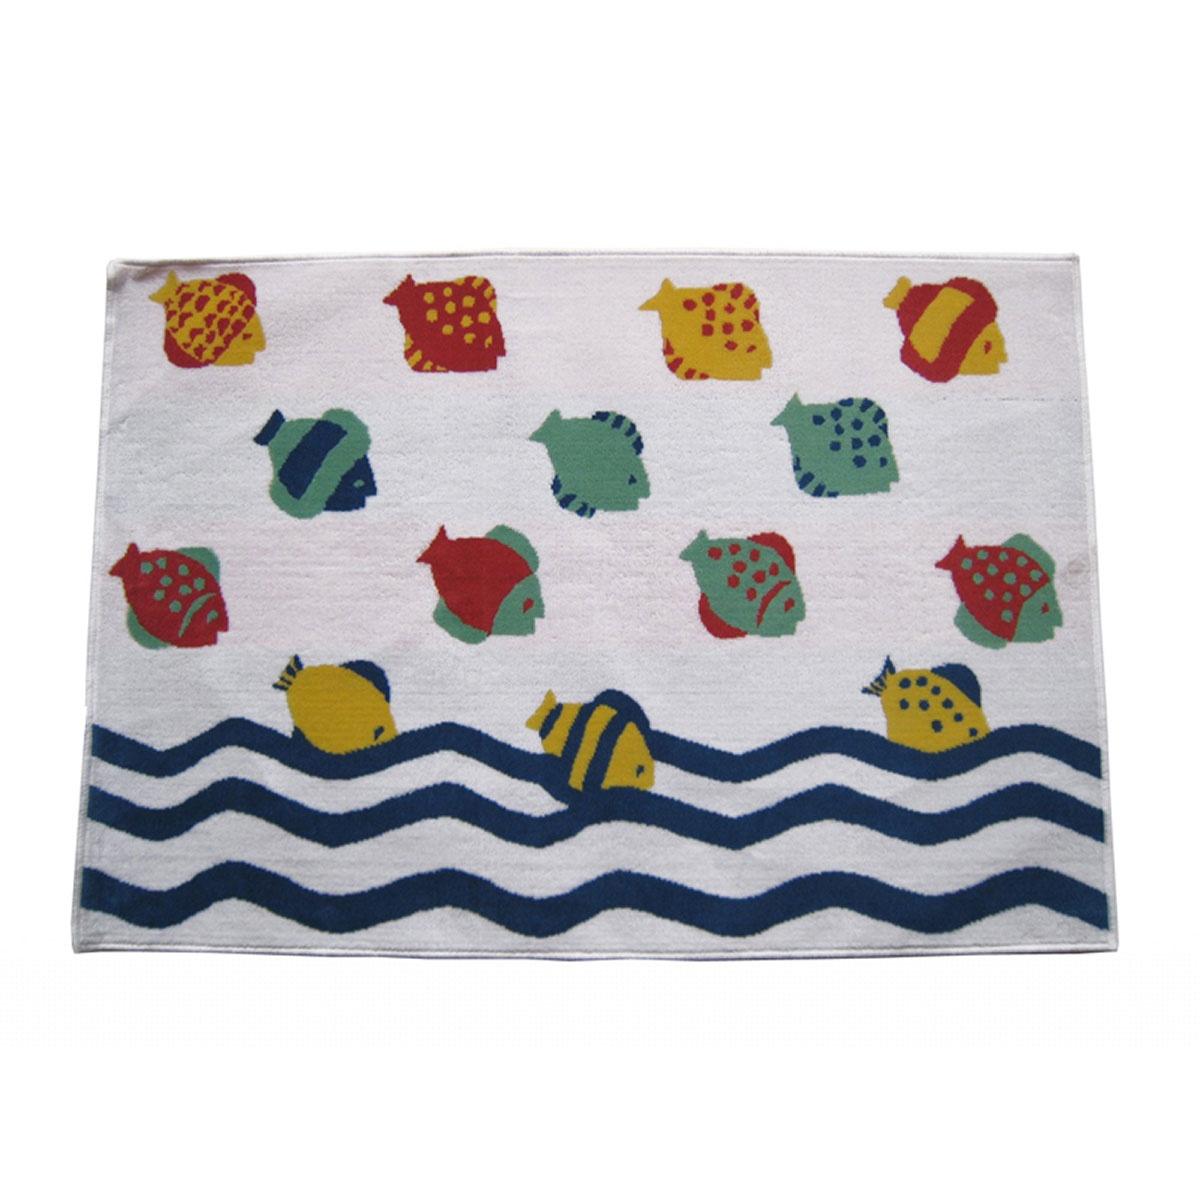 Tapis de bain velours à poissons colorés ( Multicolore)